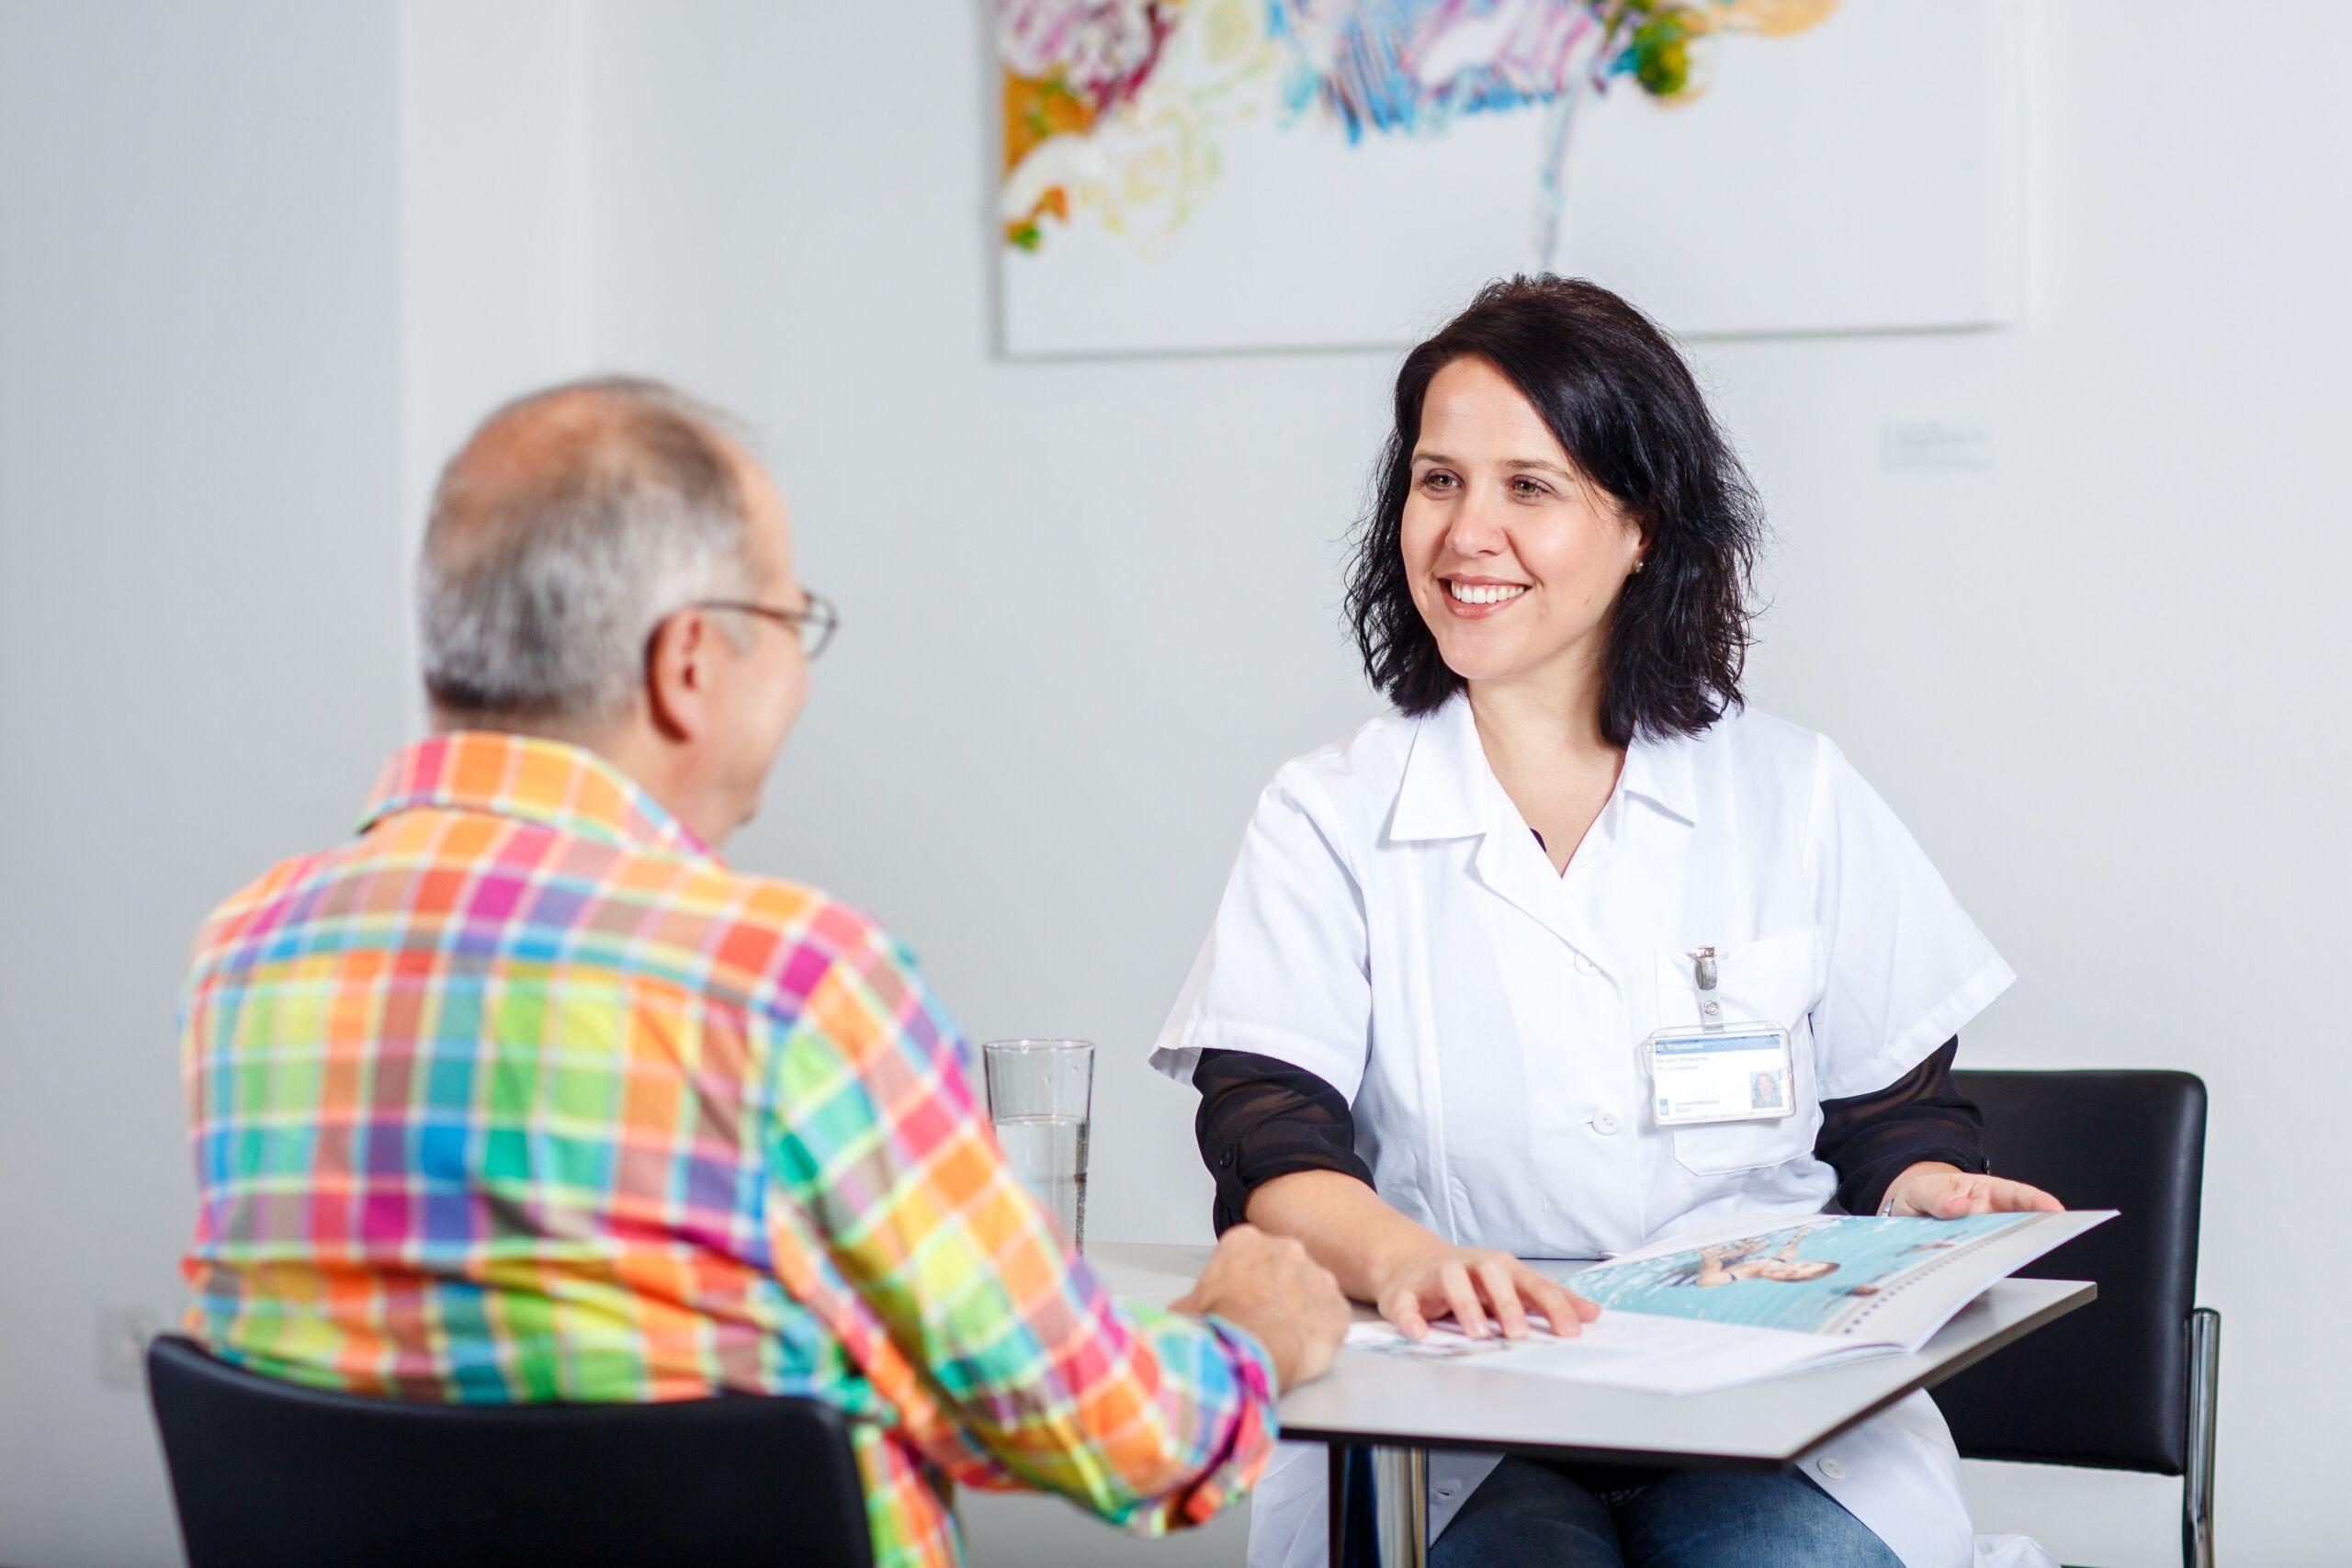 Eine Ärztin zeigt einem Patienten eine Broschüre